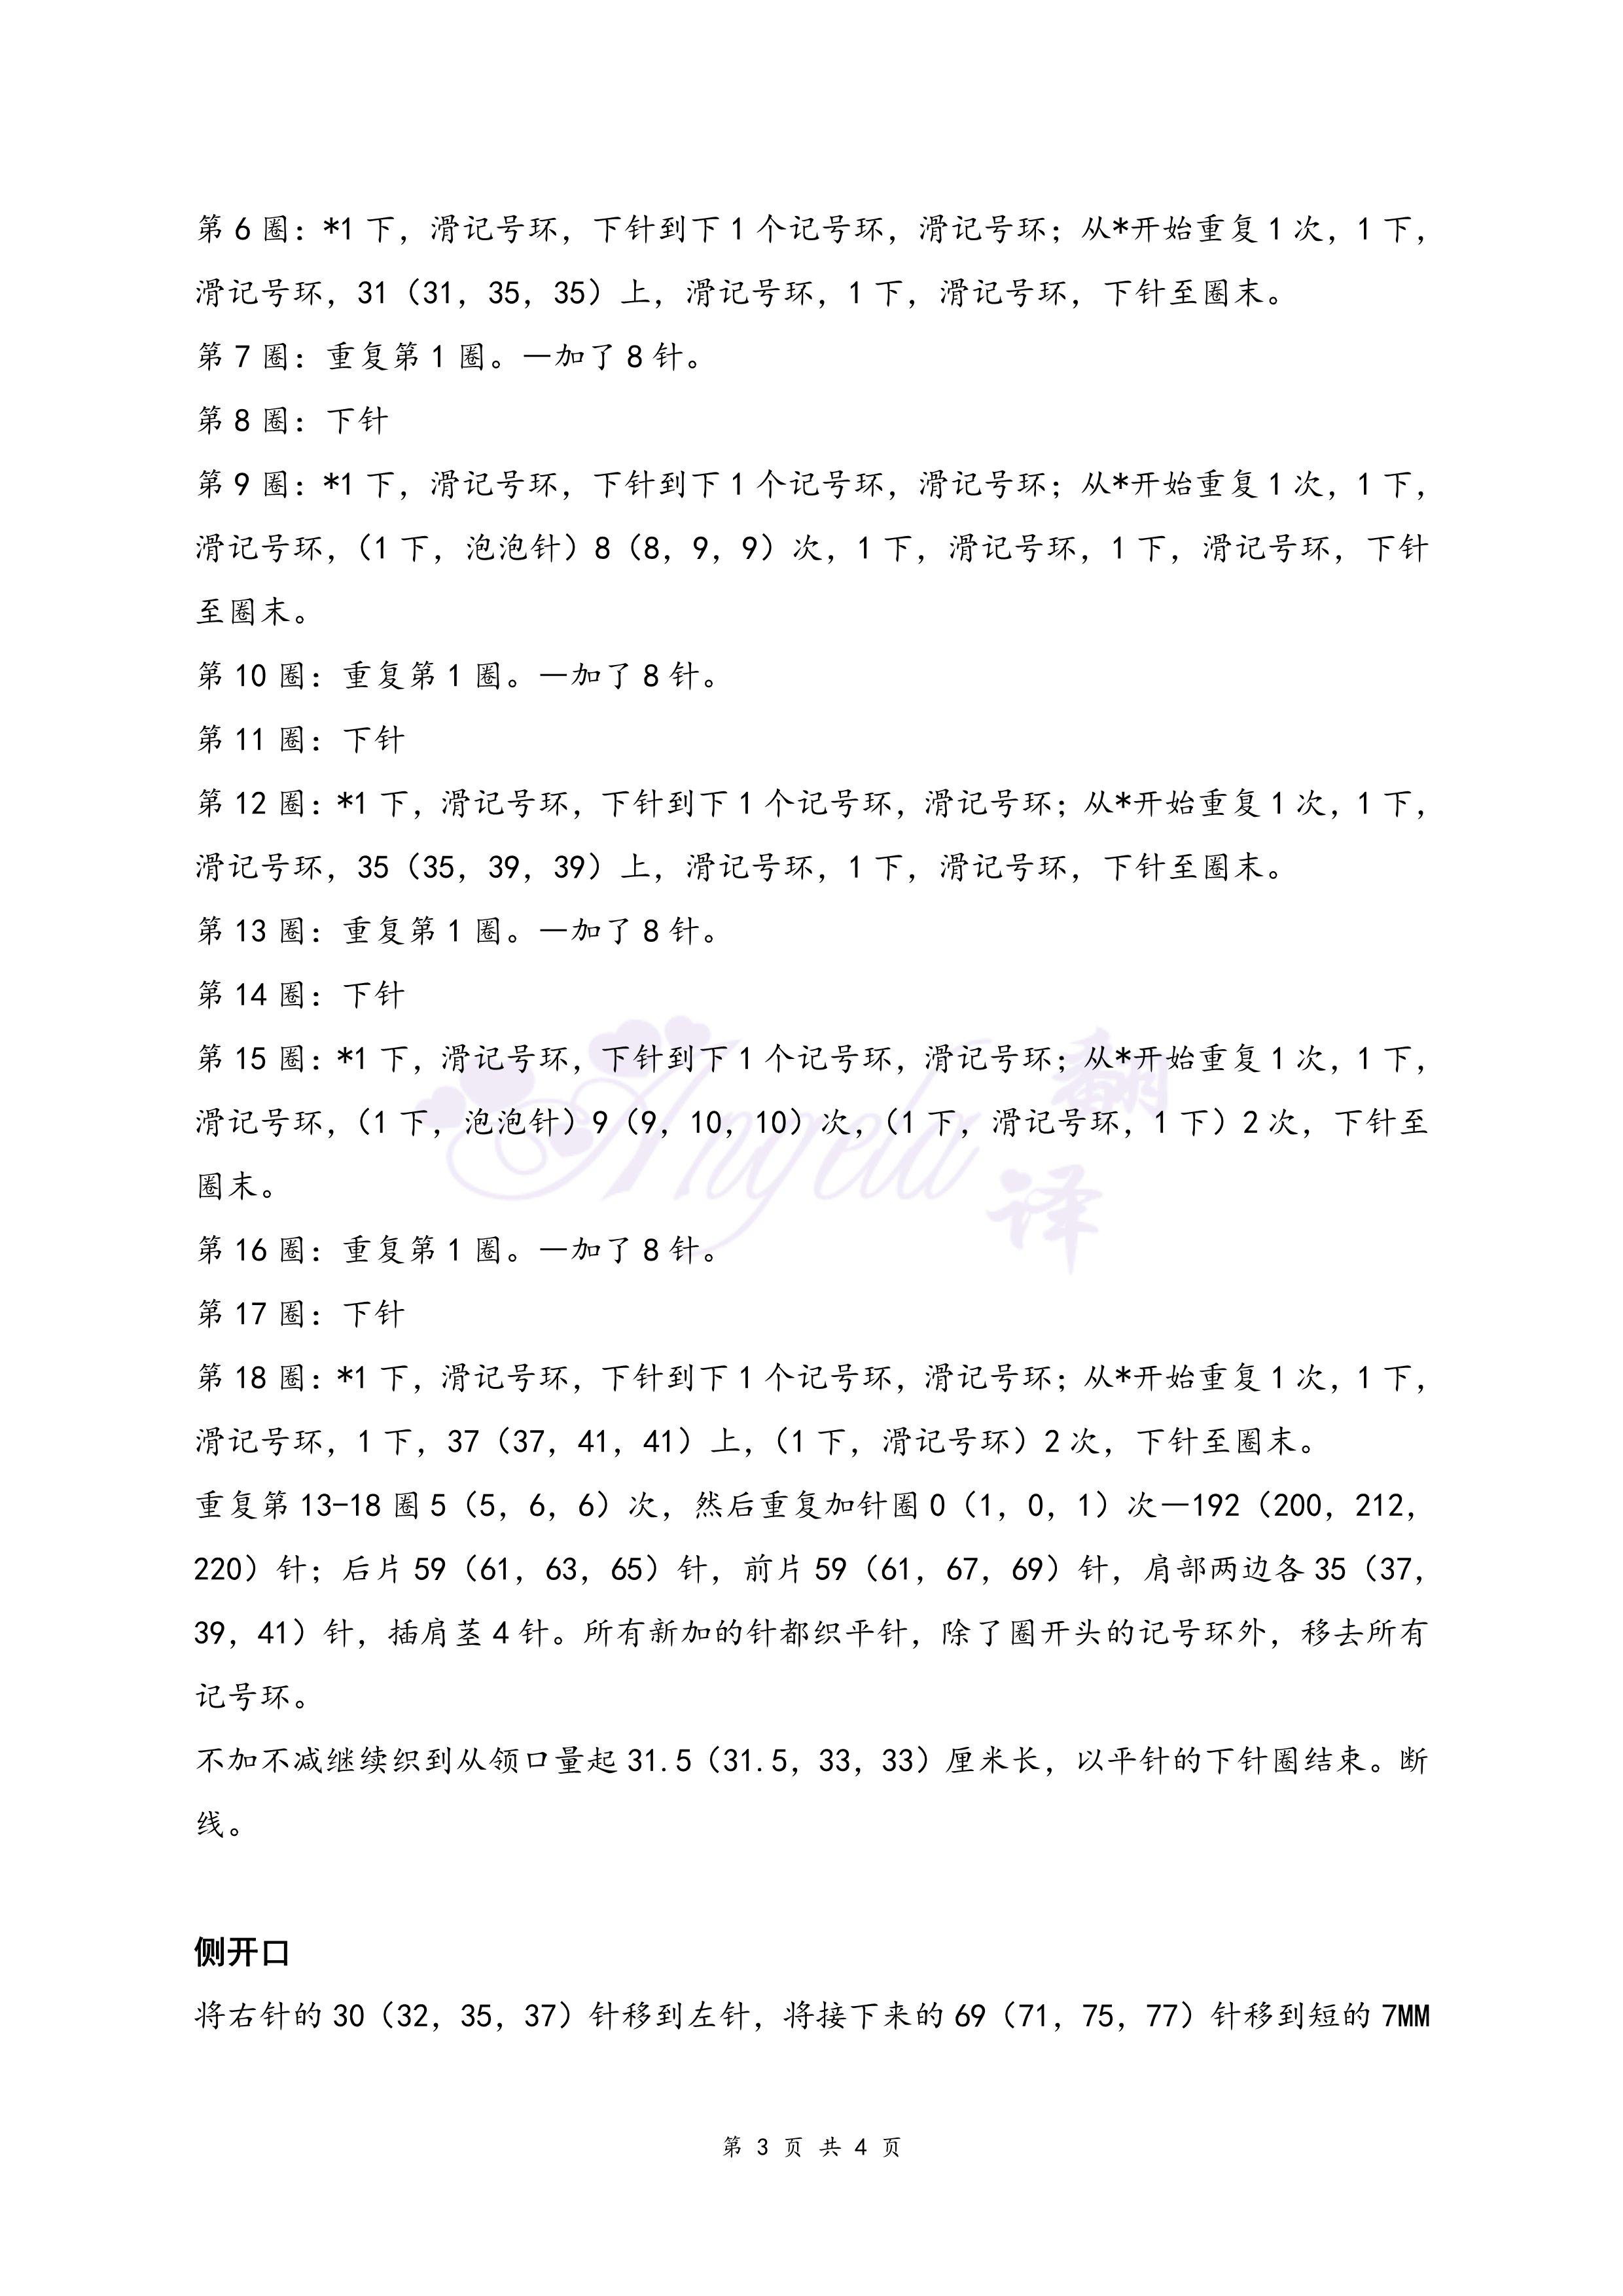 【引用译文】艾拉(斗篷) - 壹一 - 壹一编织博客